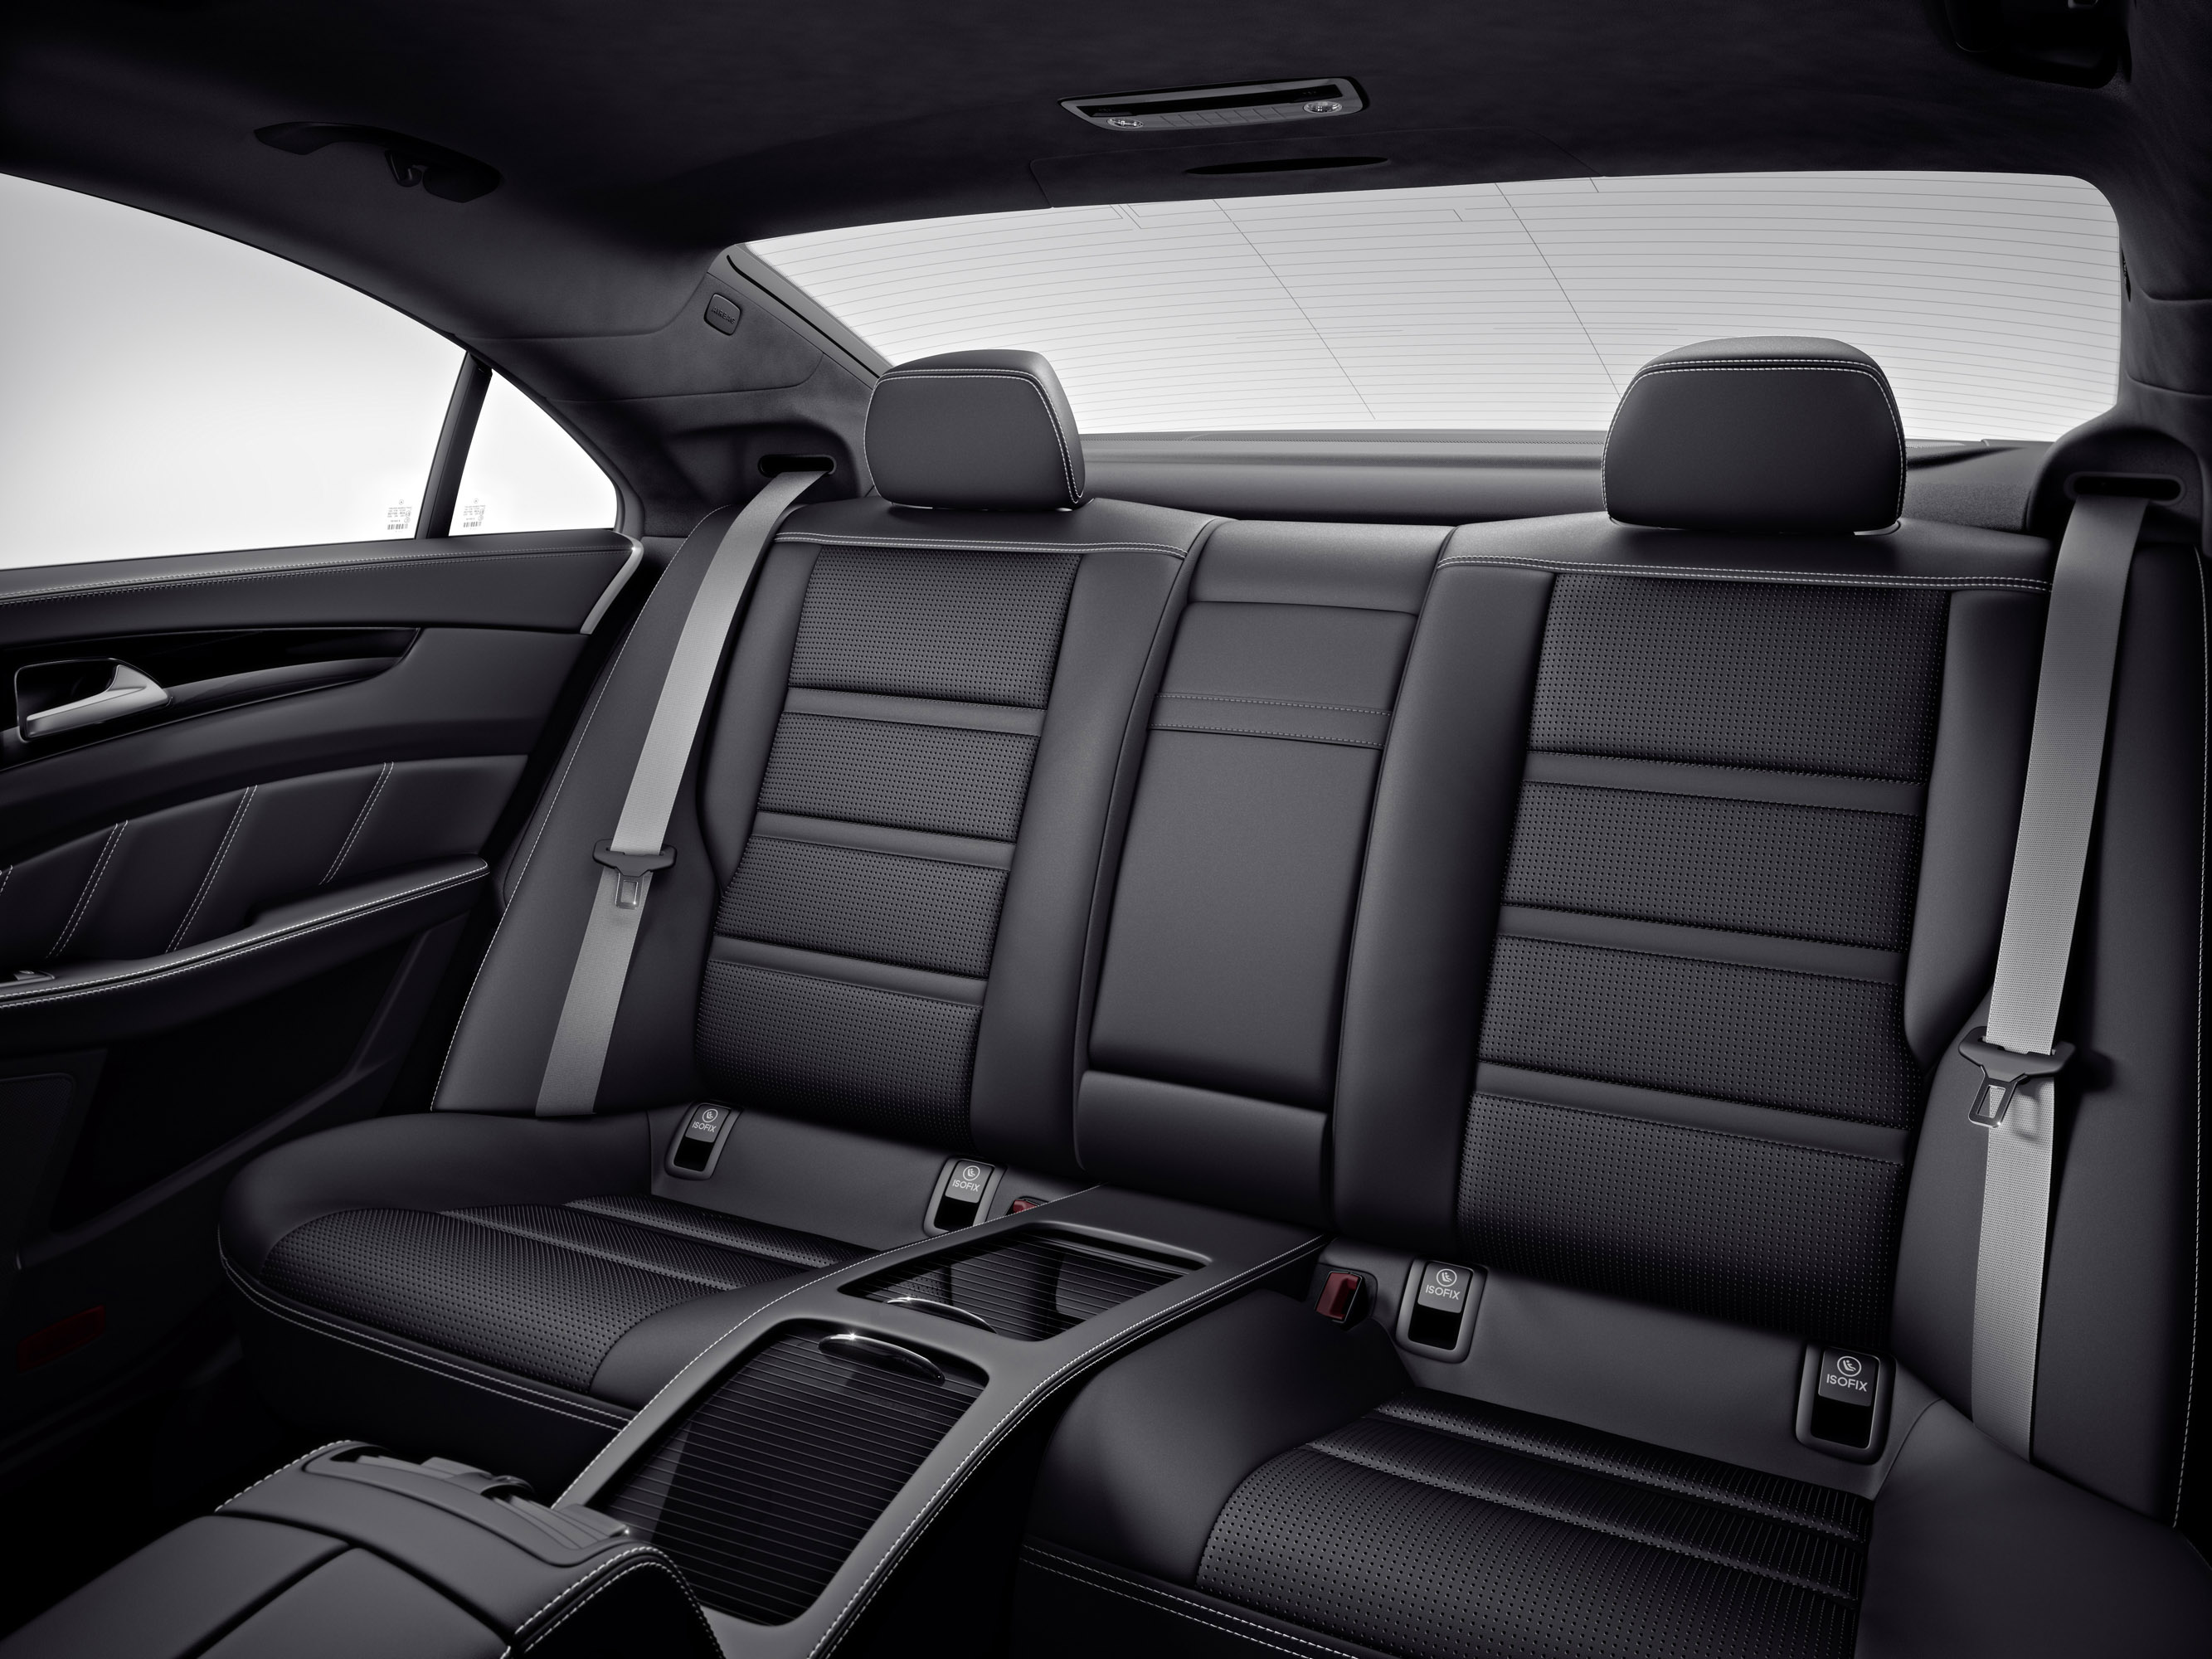 2013 Mercedes Benz Cls 63 Amg